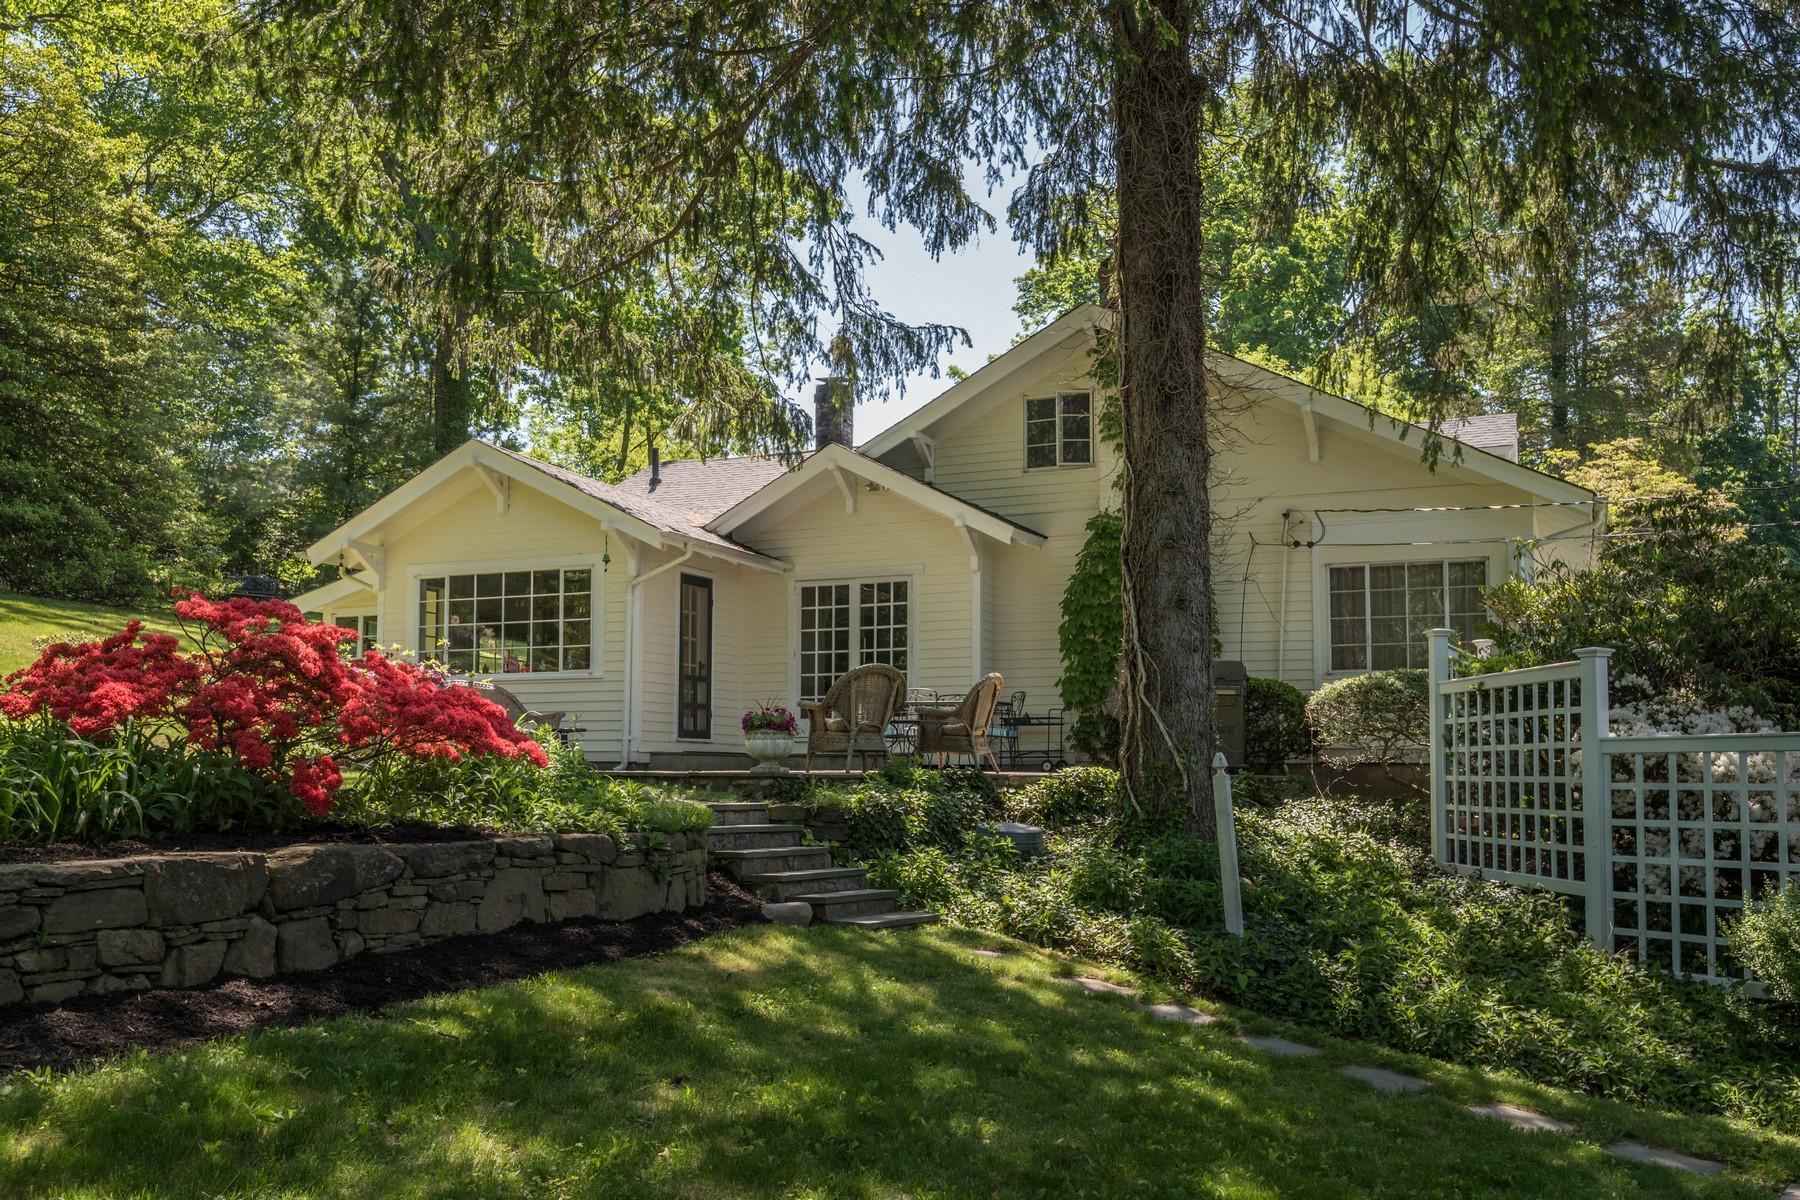 단독 가정 주택 용 매매 에 Ranch 35 Walters Ave Cold Spring Harbor, 뉴욕, 11724 미국